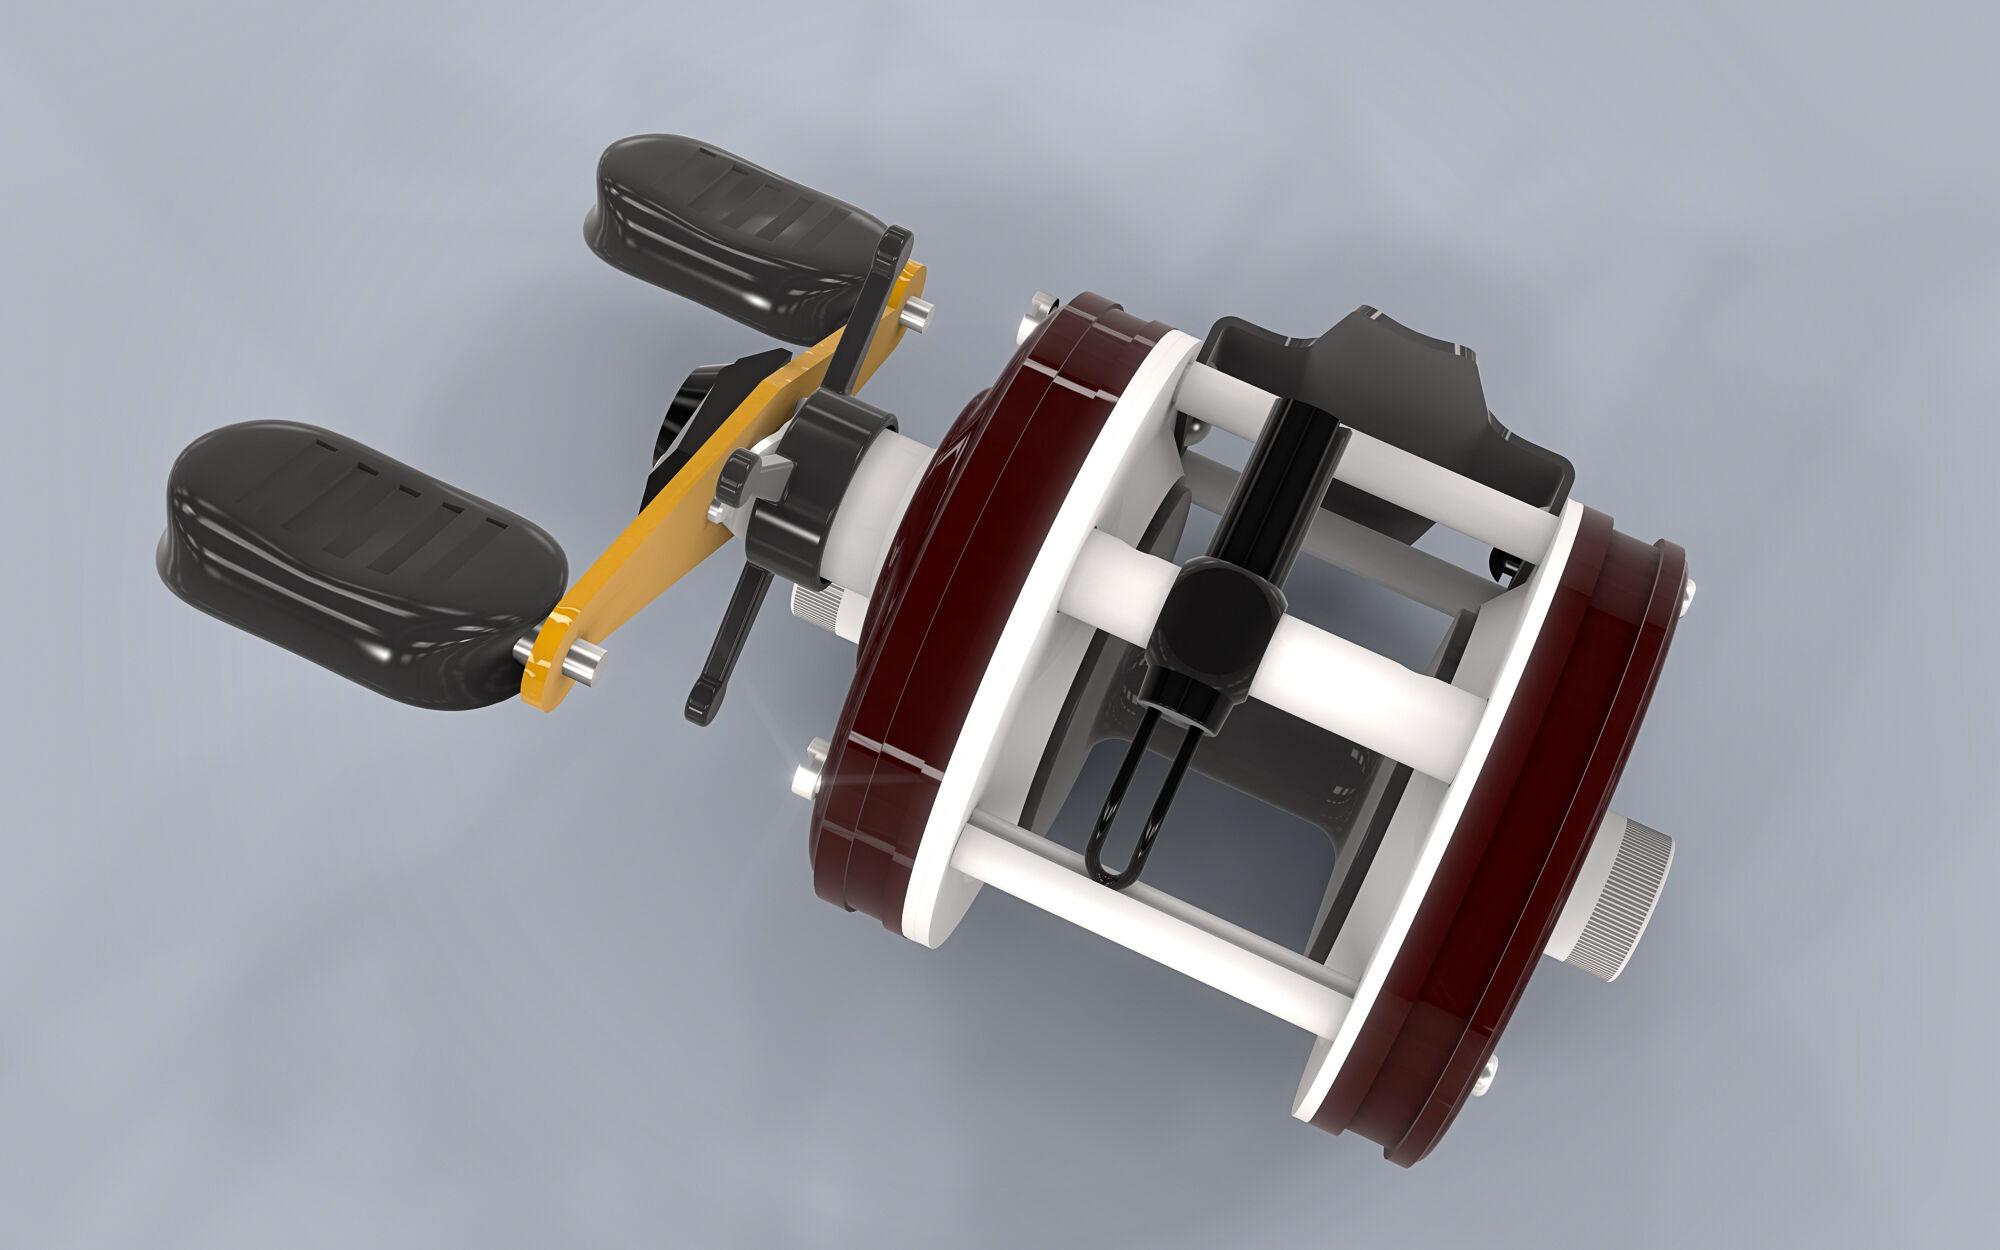 Fishing-rod-7-3500-3500